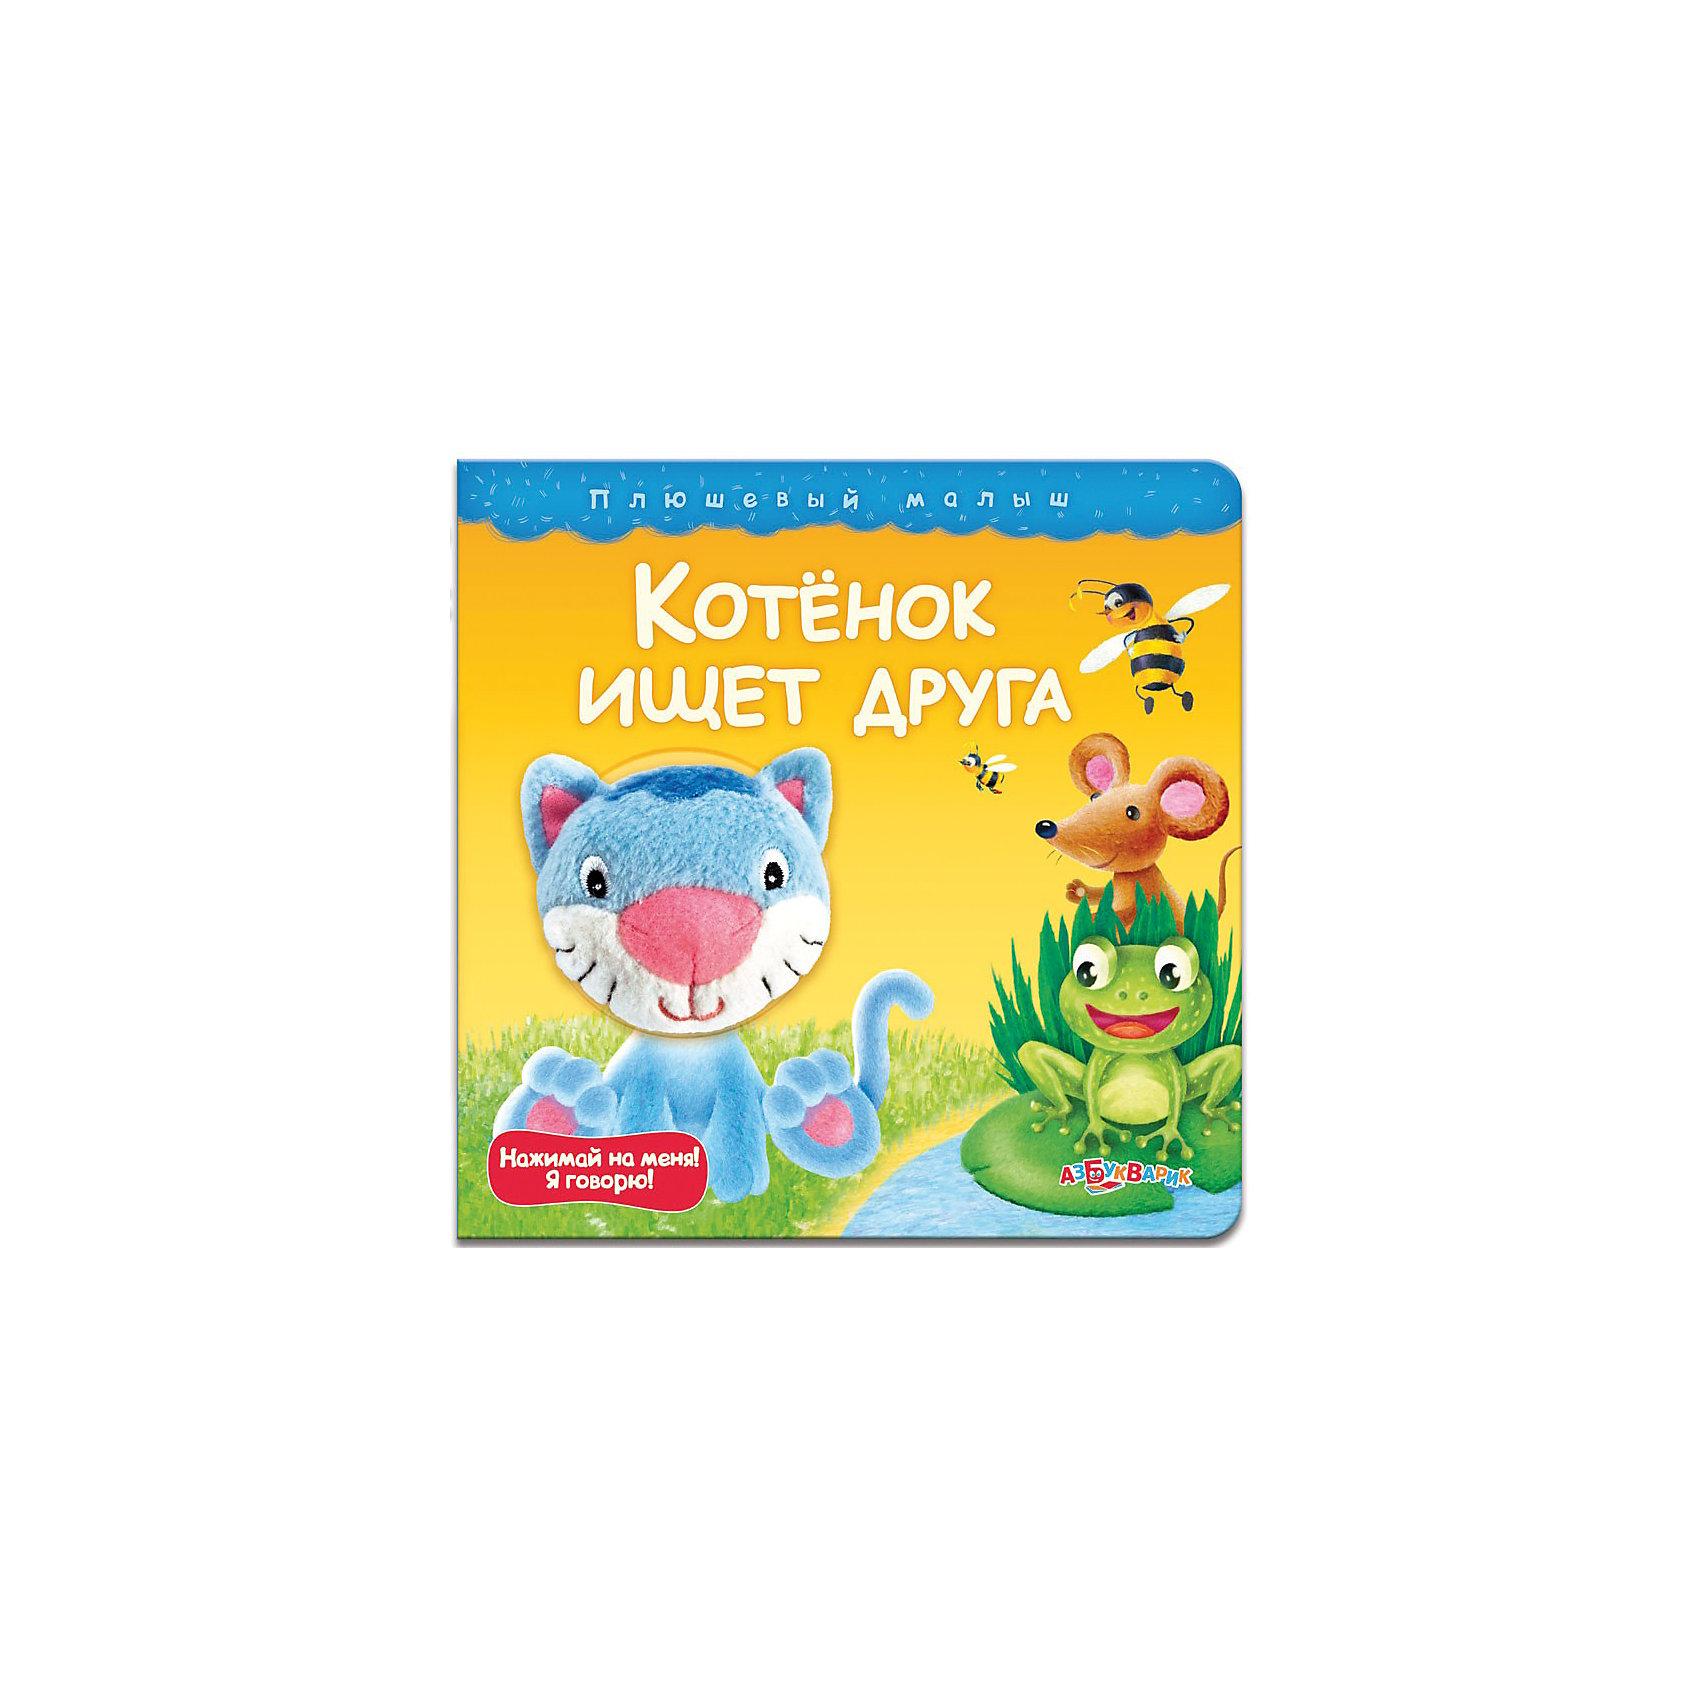 Азбукварик Котёнок ищет друга. Серия Плюшевый малыш обучающая книга азбукварик секреты маленькой принцессы 9785402000568